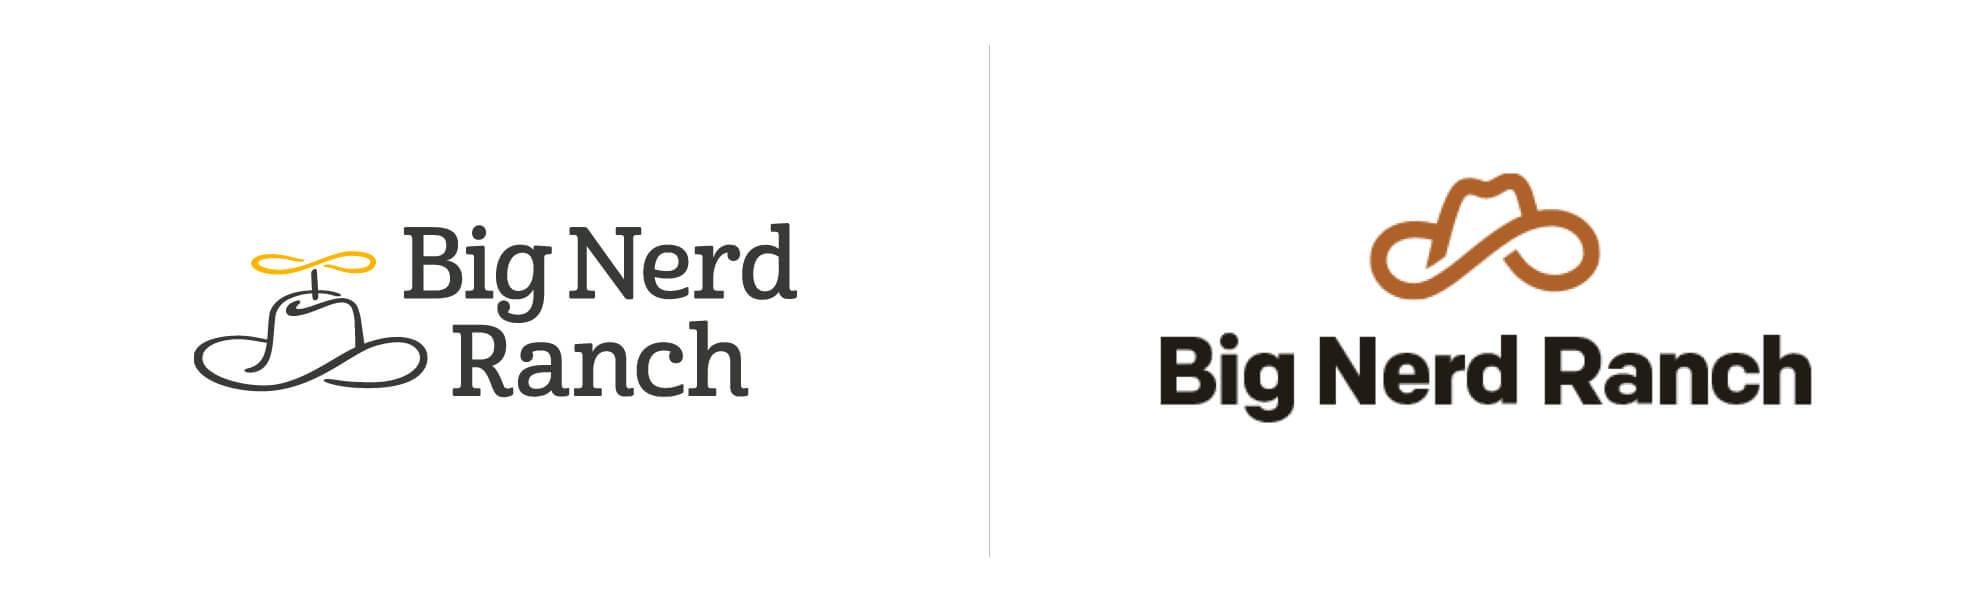 Big Nerd Ranch zmienia logo